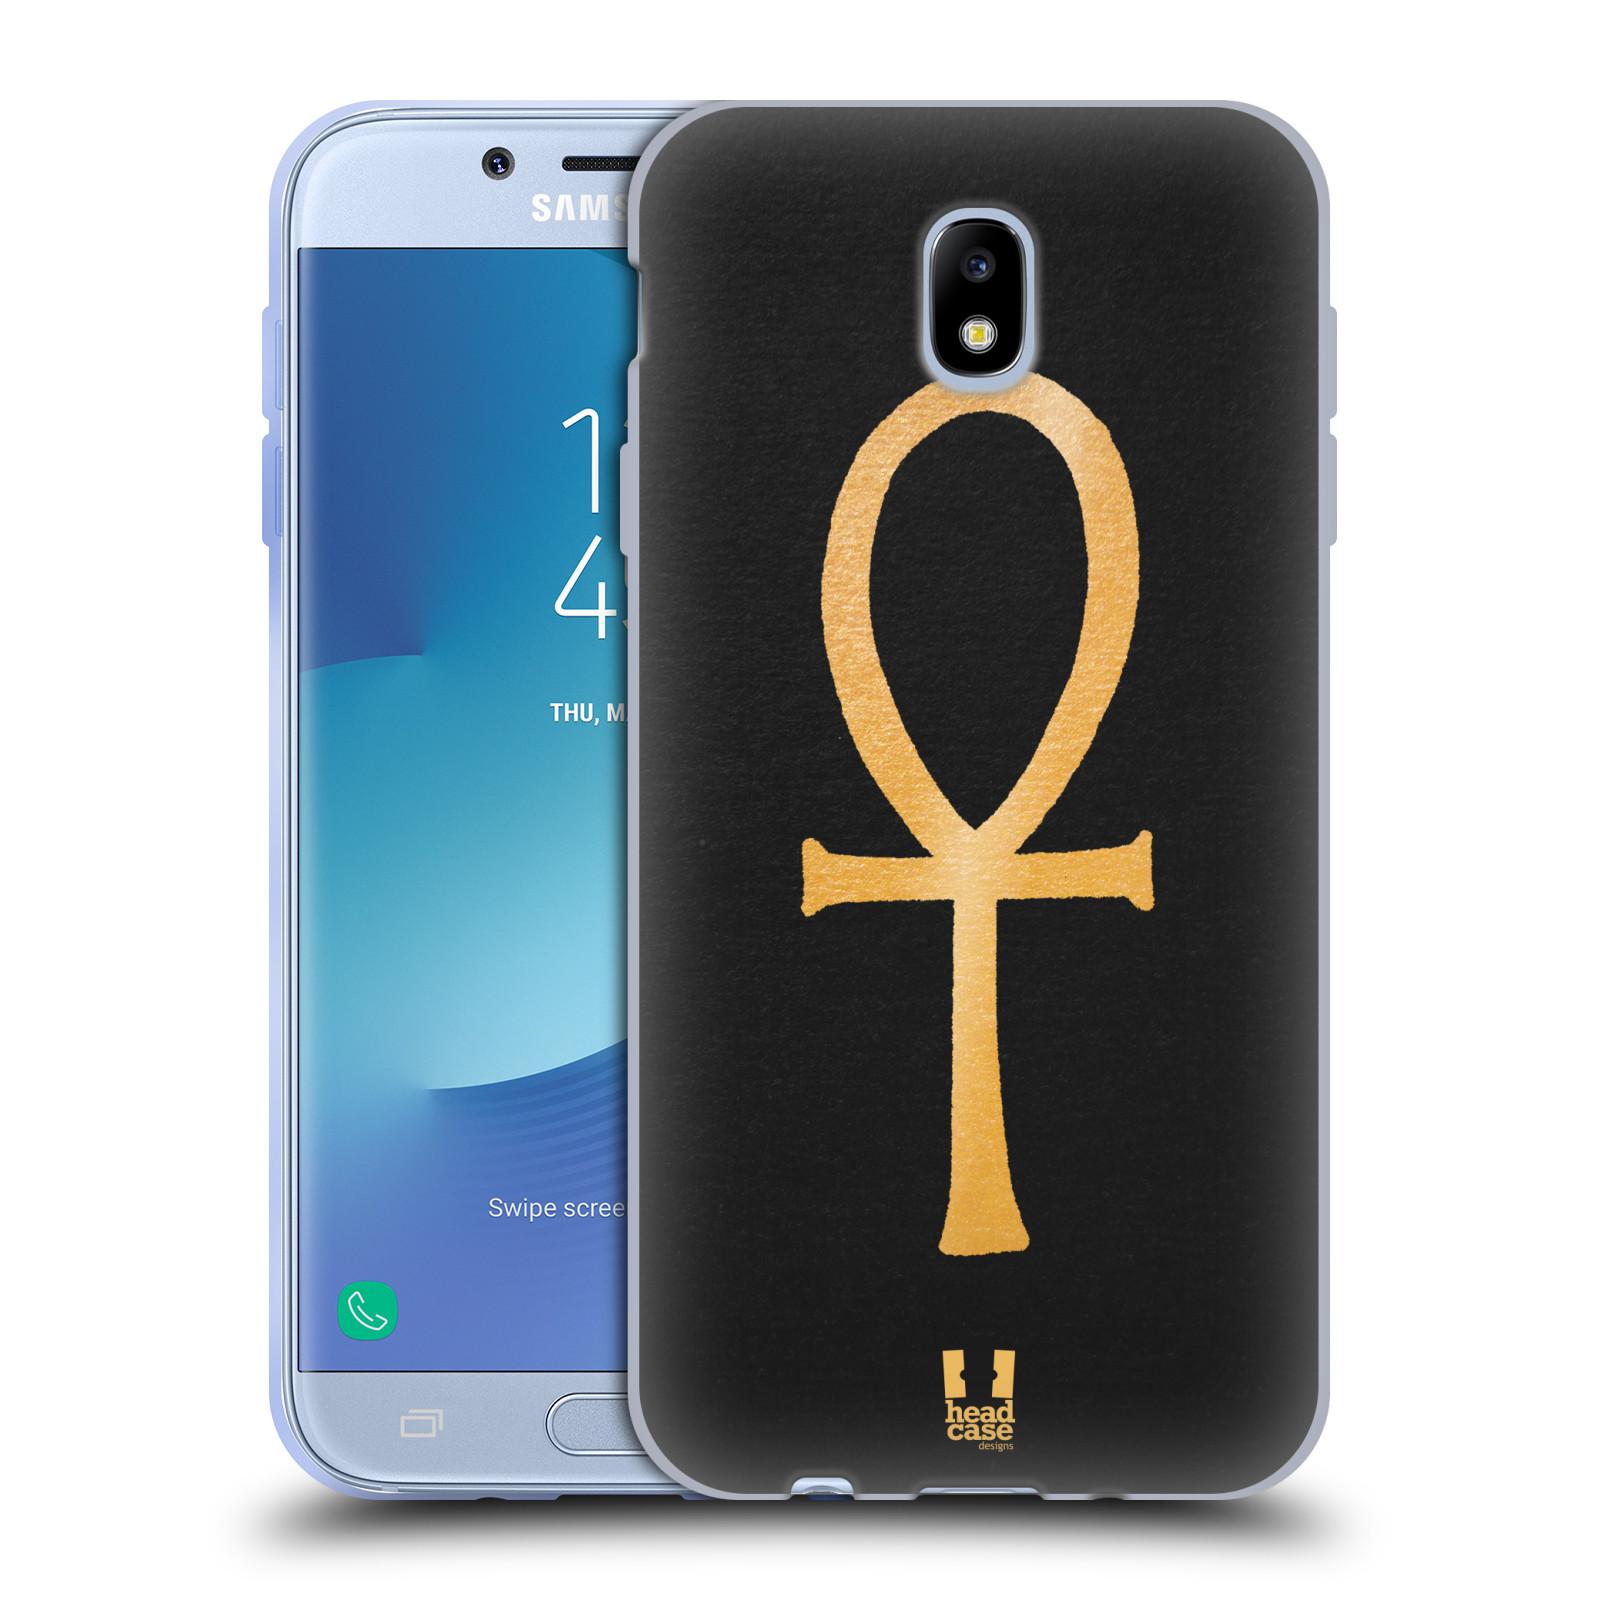 Silikonové pouzdro na mobil Samsung Galaxy J7 (2017) - Head Case - EGYPT ANKH NILSKÝ KŘÍŽ (Silikonový kryt či obal na mobilní telefon Samsung Galaxy J7 2017 SM-J730F/DS s motivem EGYPT ANKH NILSKÝ KŘÍŽ)